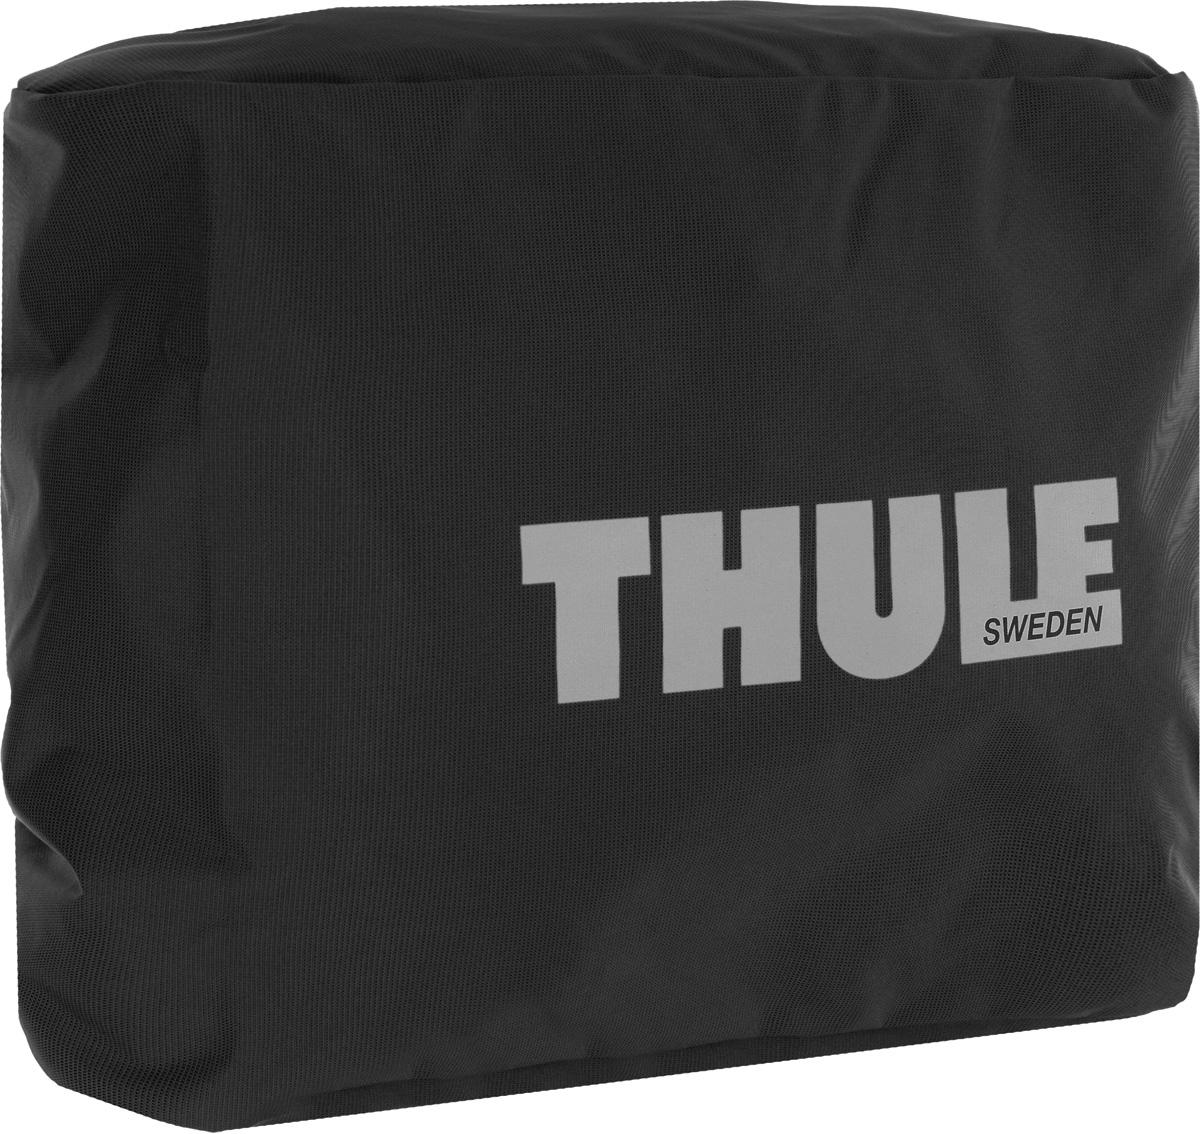 Чехол-дождевик для сумки Thule Pannier, цвет: черный100041Чехол для большой сумки Thule Pack'n Pedal Pannier: Защищает от дождя Черный цвет